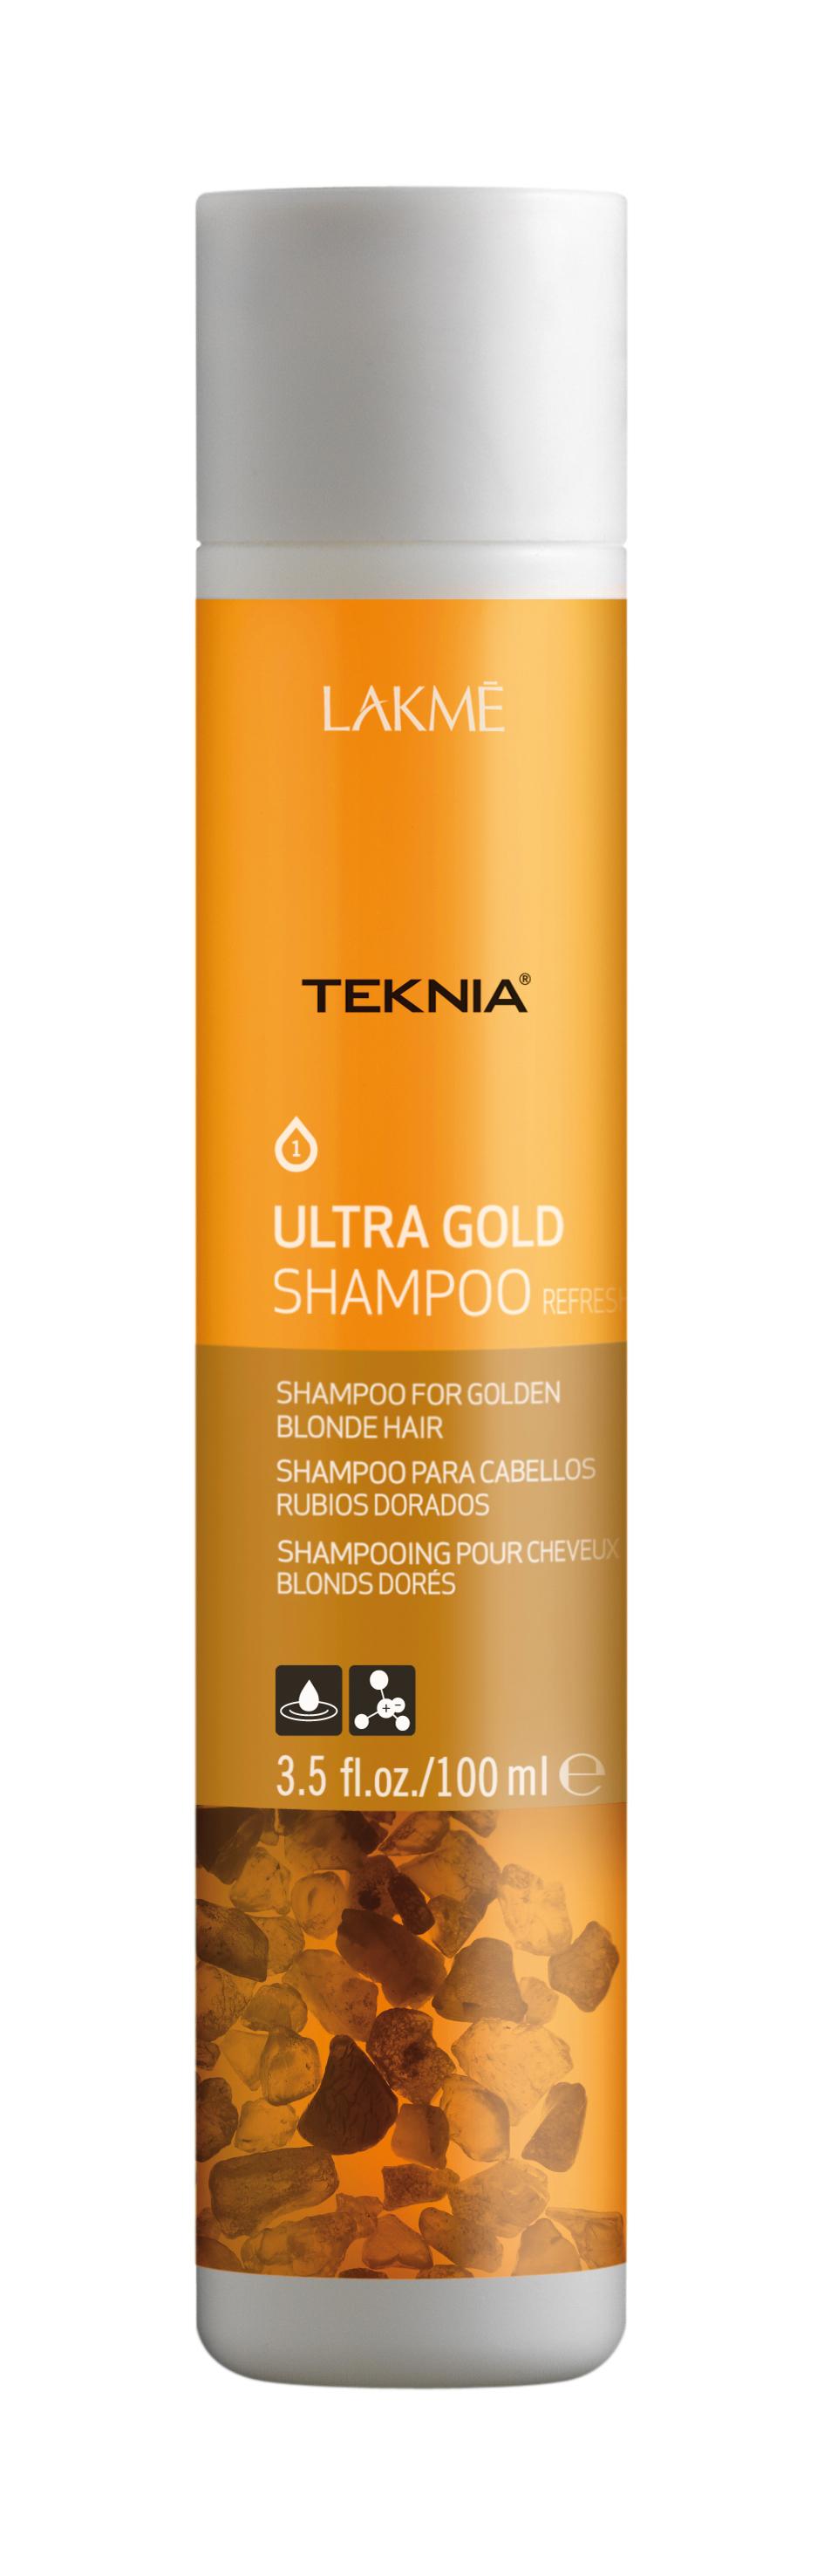 Купить LAKME Шампунь для поддержания оттенка окрашенных волос, золотистый / ULTRA GOLD SHAMPOO 100 мл, Золотистый